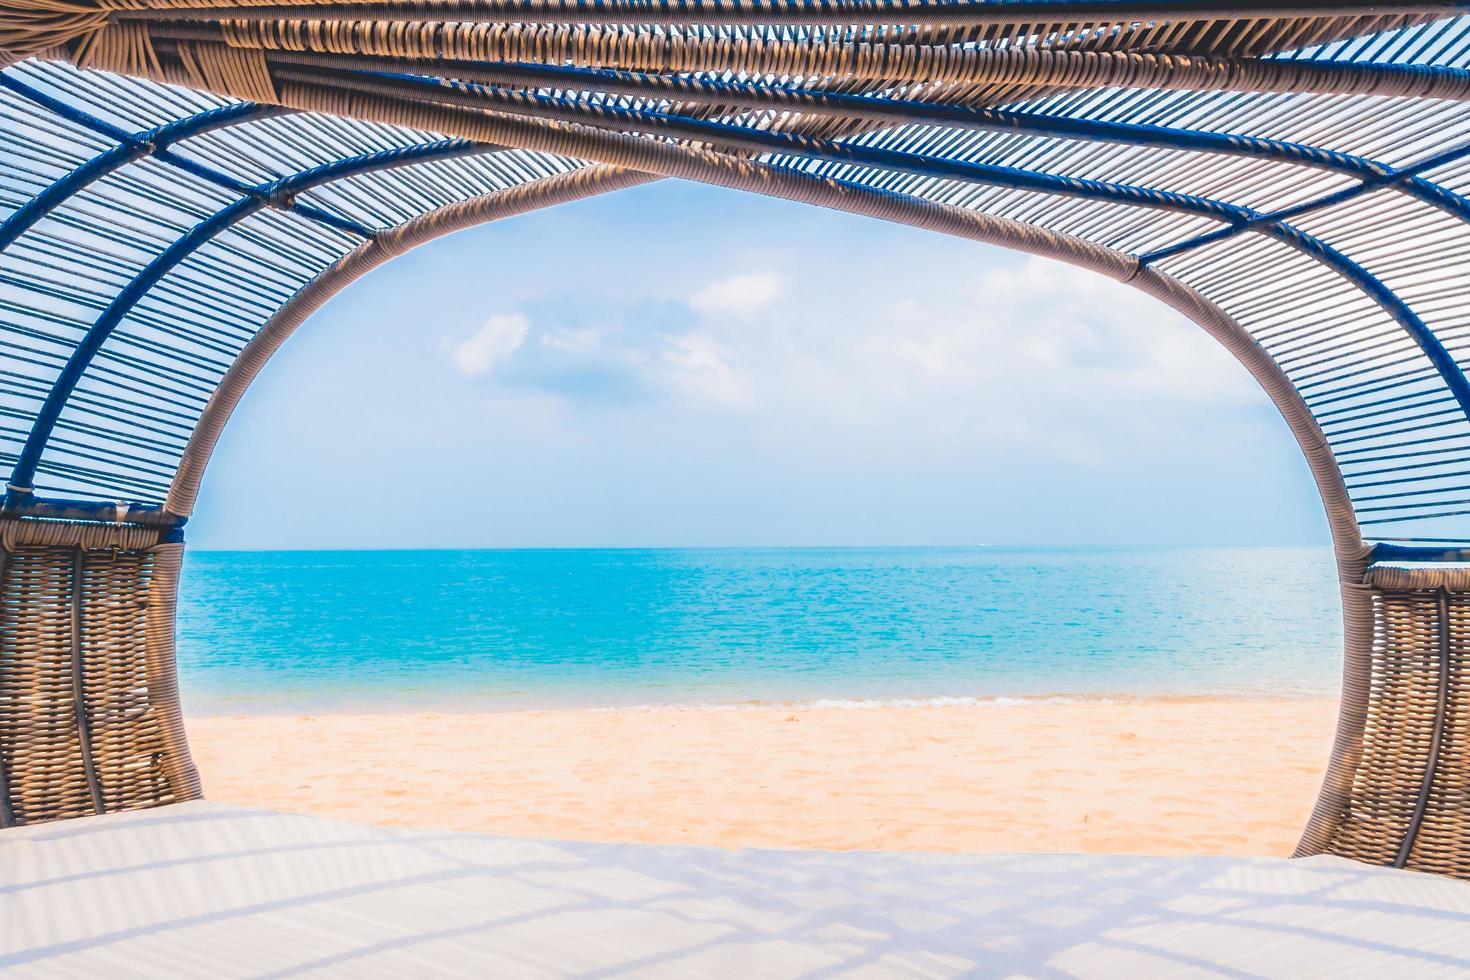 terrasse de luxe avec oreiller sur la plage et la mer photo